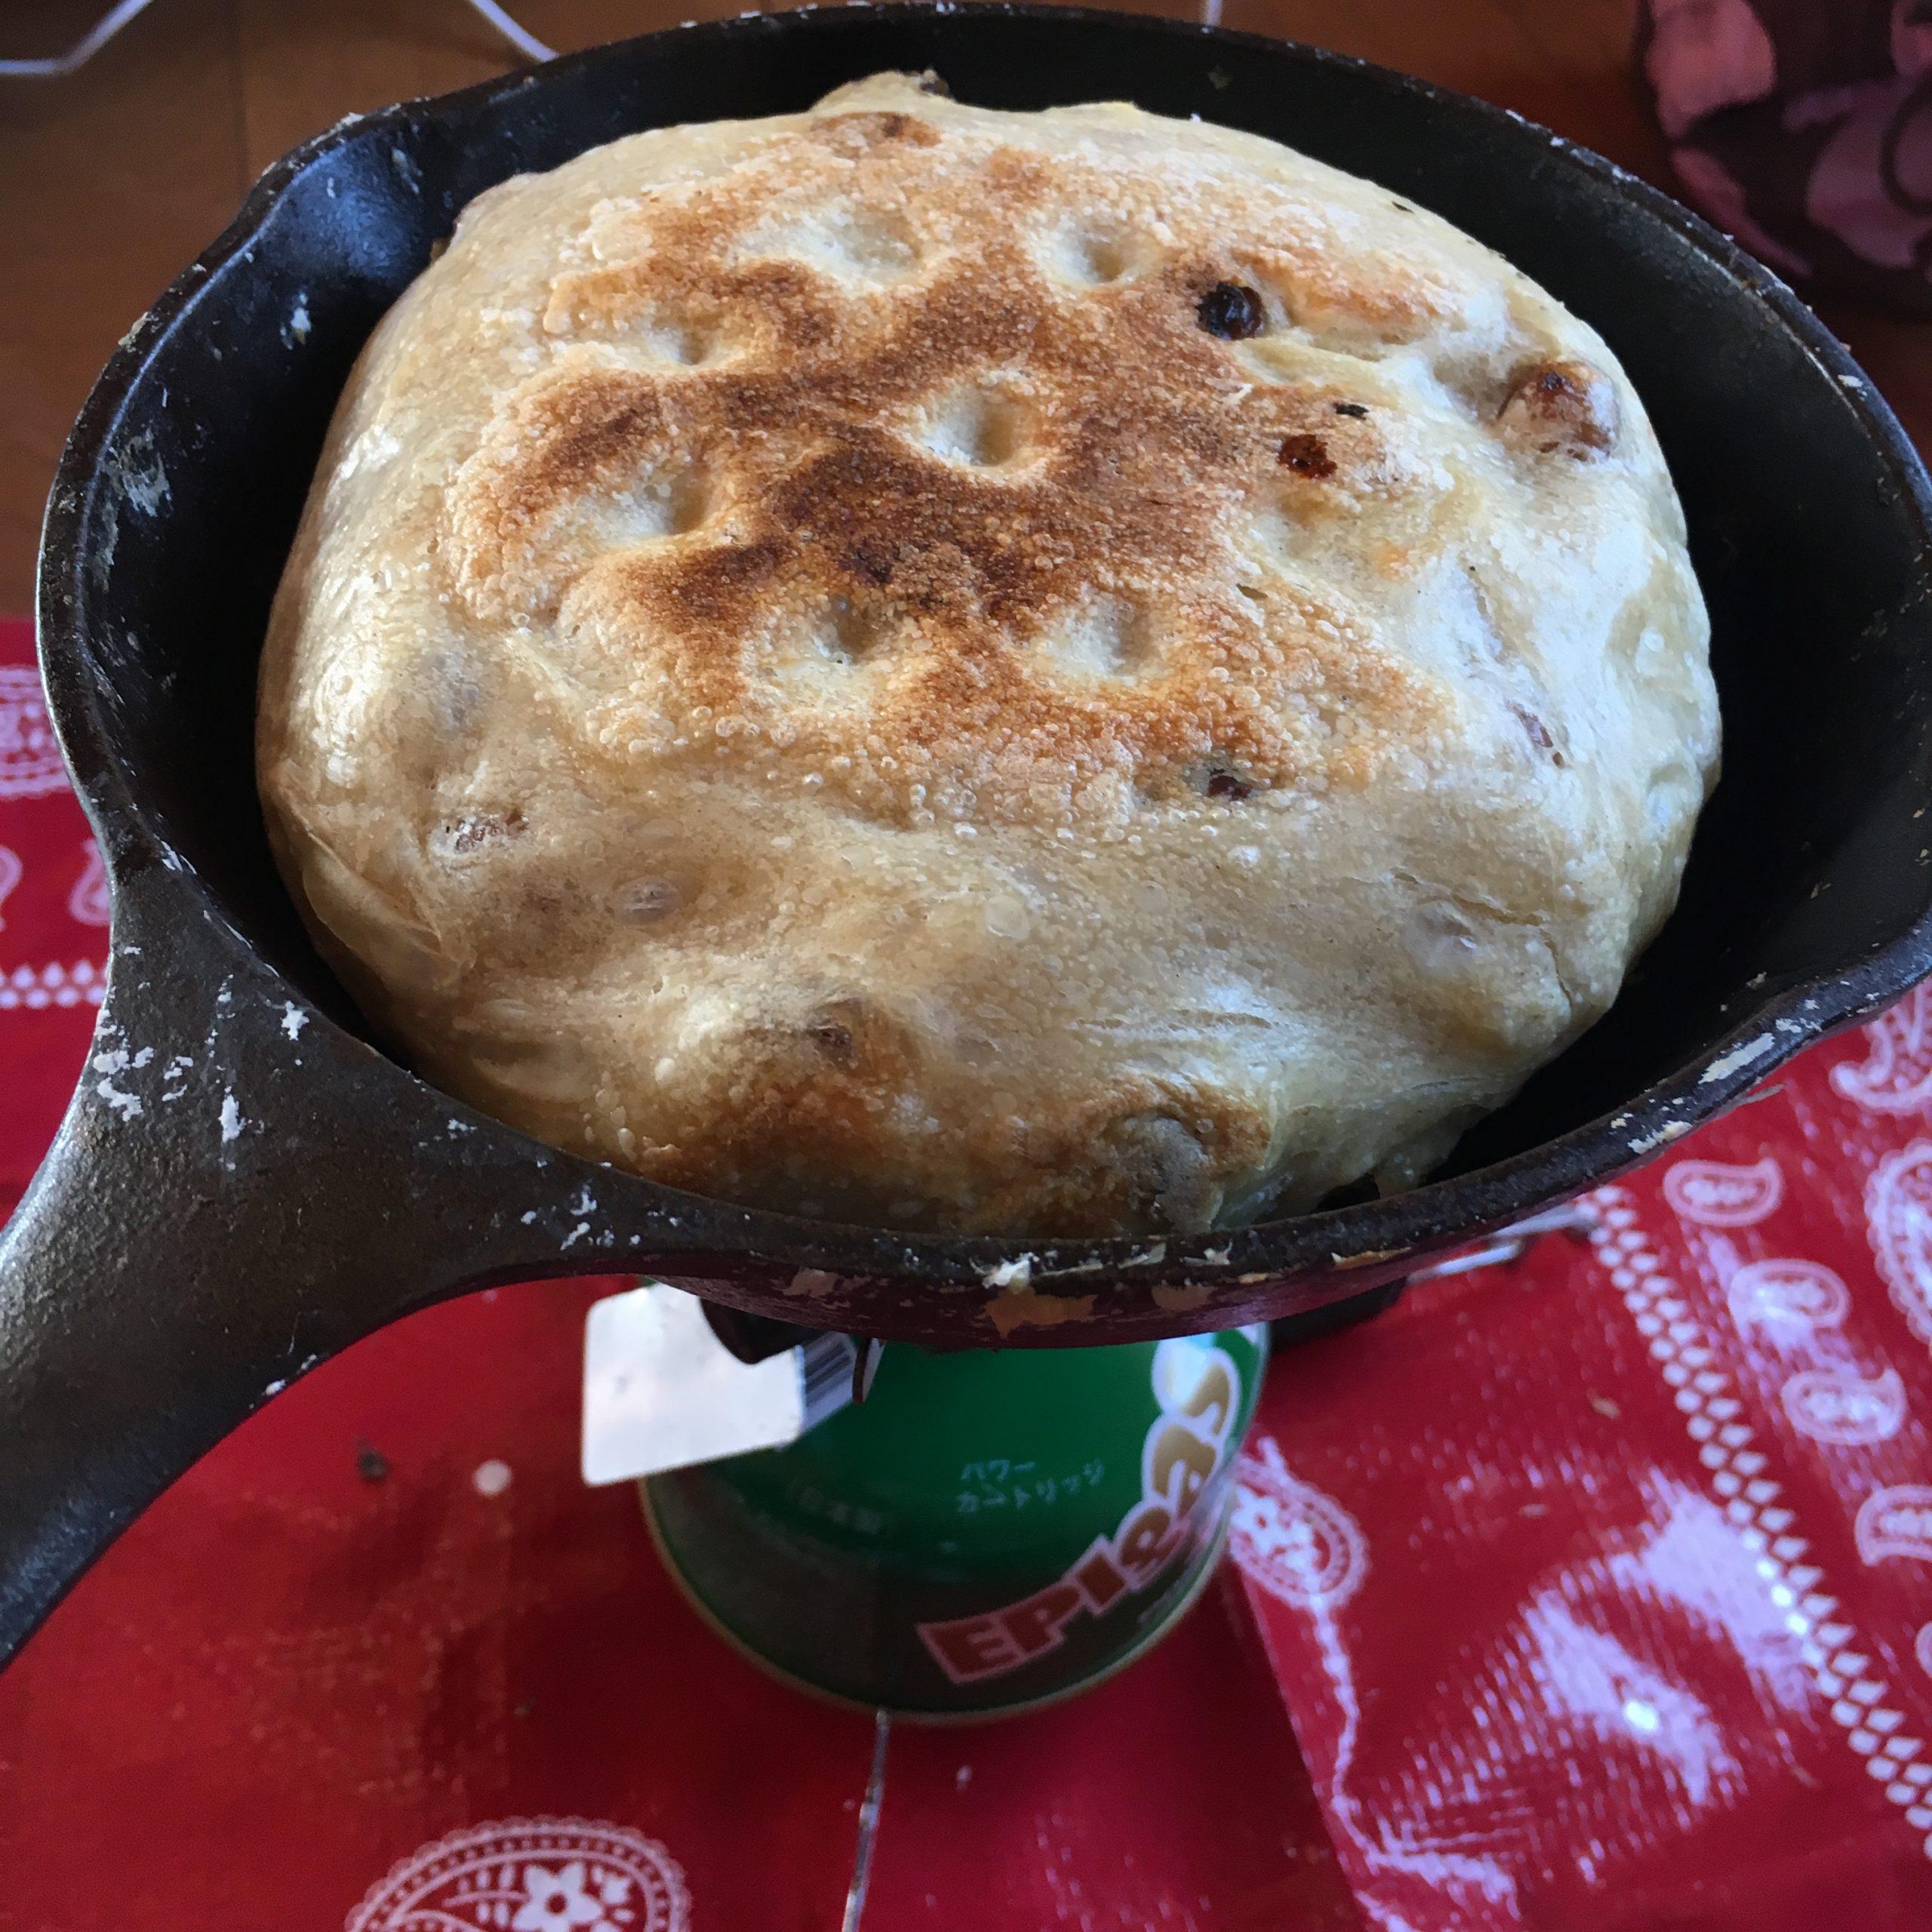 登山でパンを焼く!登山でも美味しい焼きたてパンが食べたくて